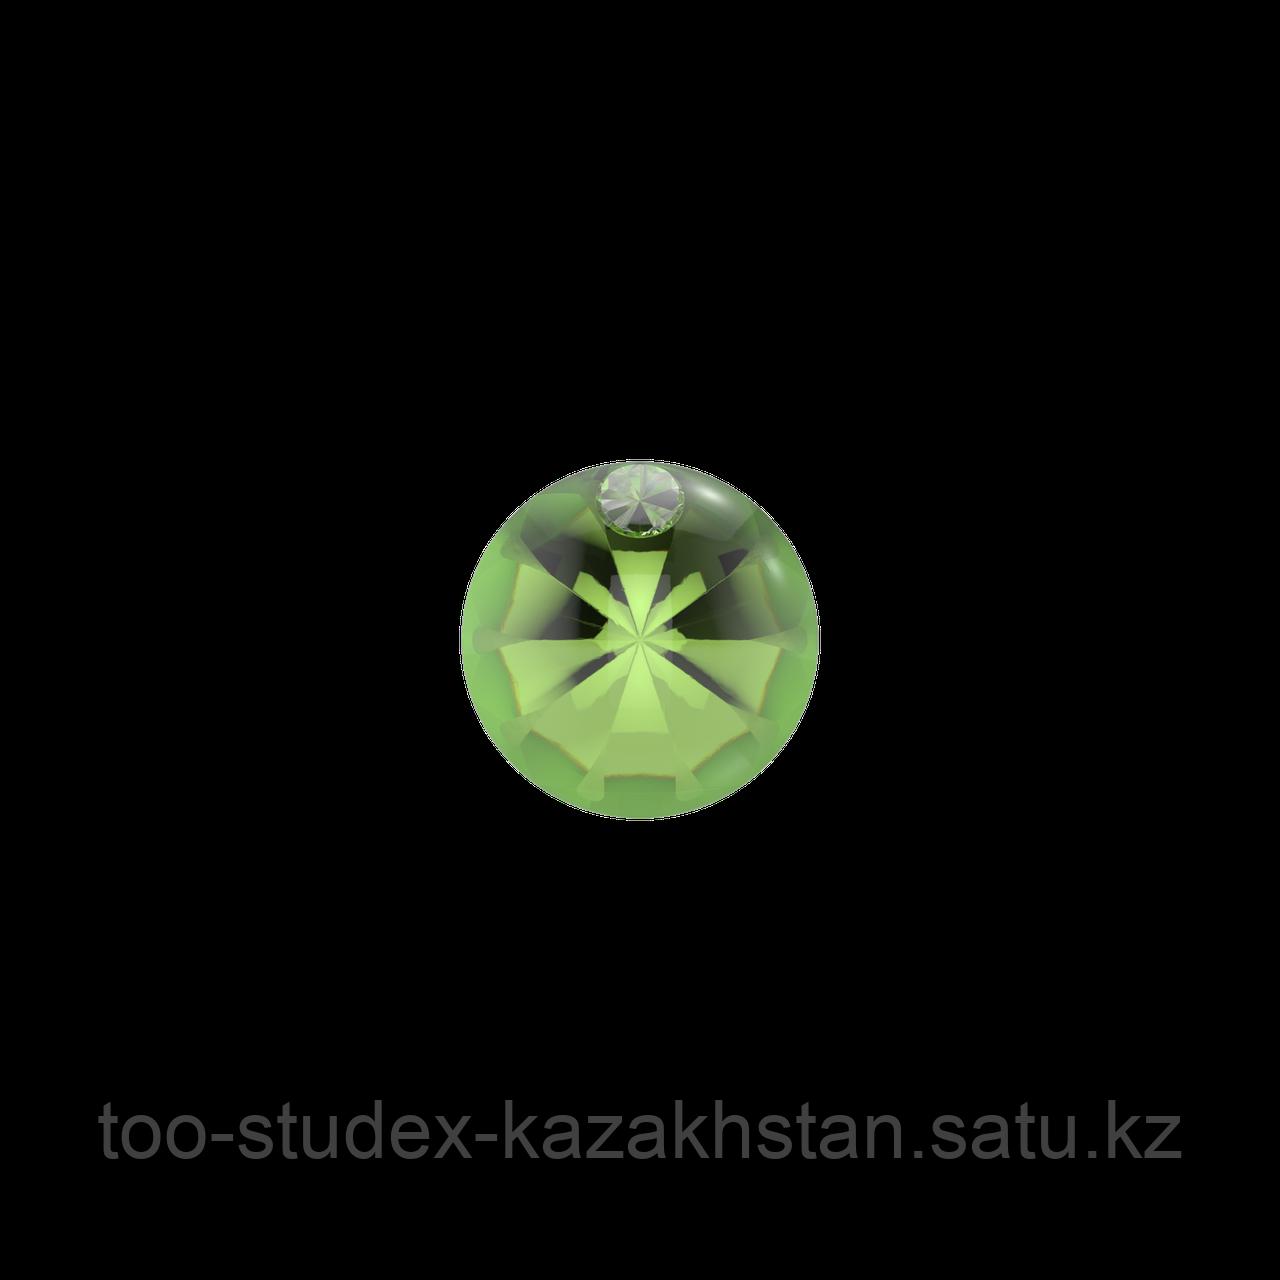 Серьги для прокола STUDEX System75 Зеленый кристалл с цирконом - фото 3